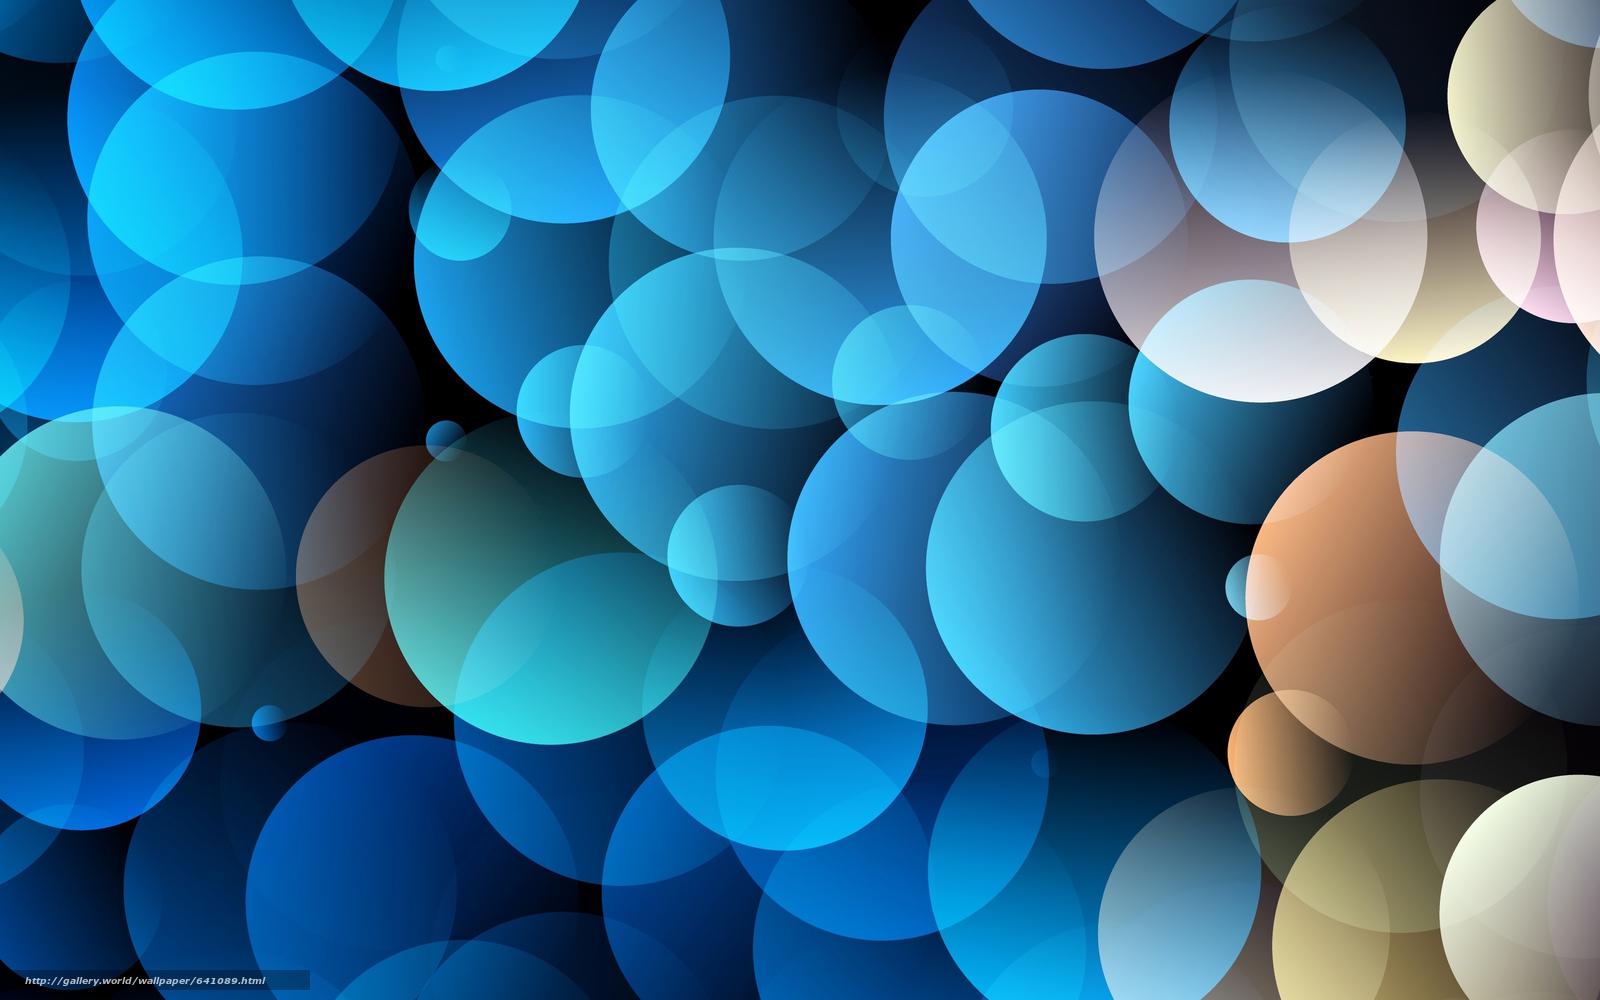 Скачать обои фон,  дизайн,  текстура бесплатно для рабочего стола в разрешении 2560x1600 — картинка №641089